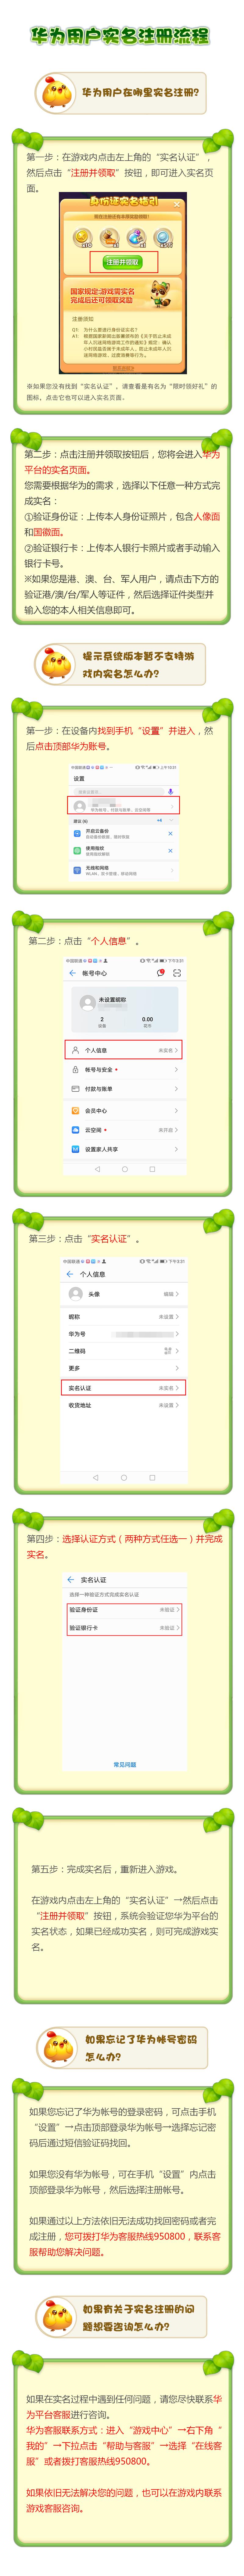 实名注册流程(华为).png